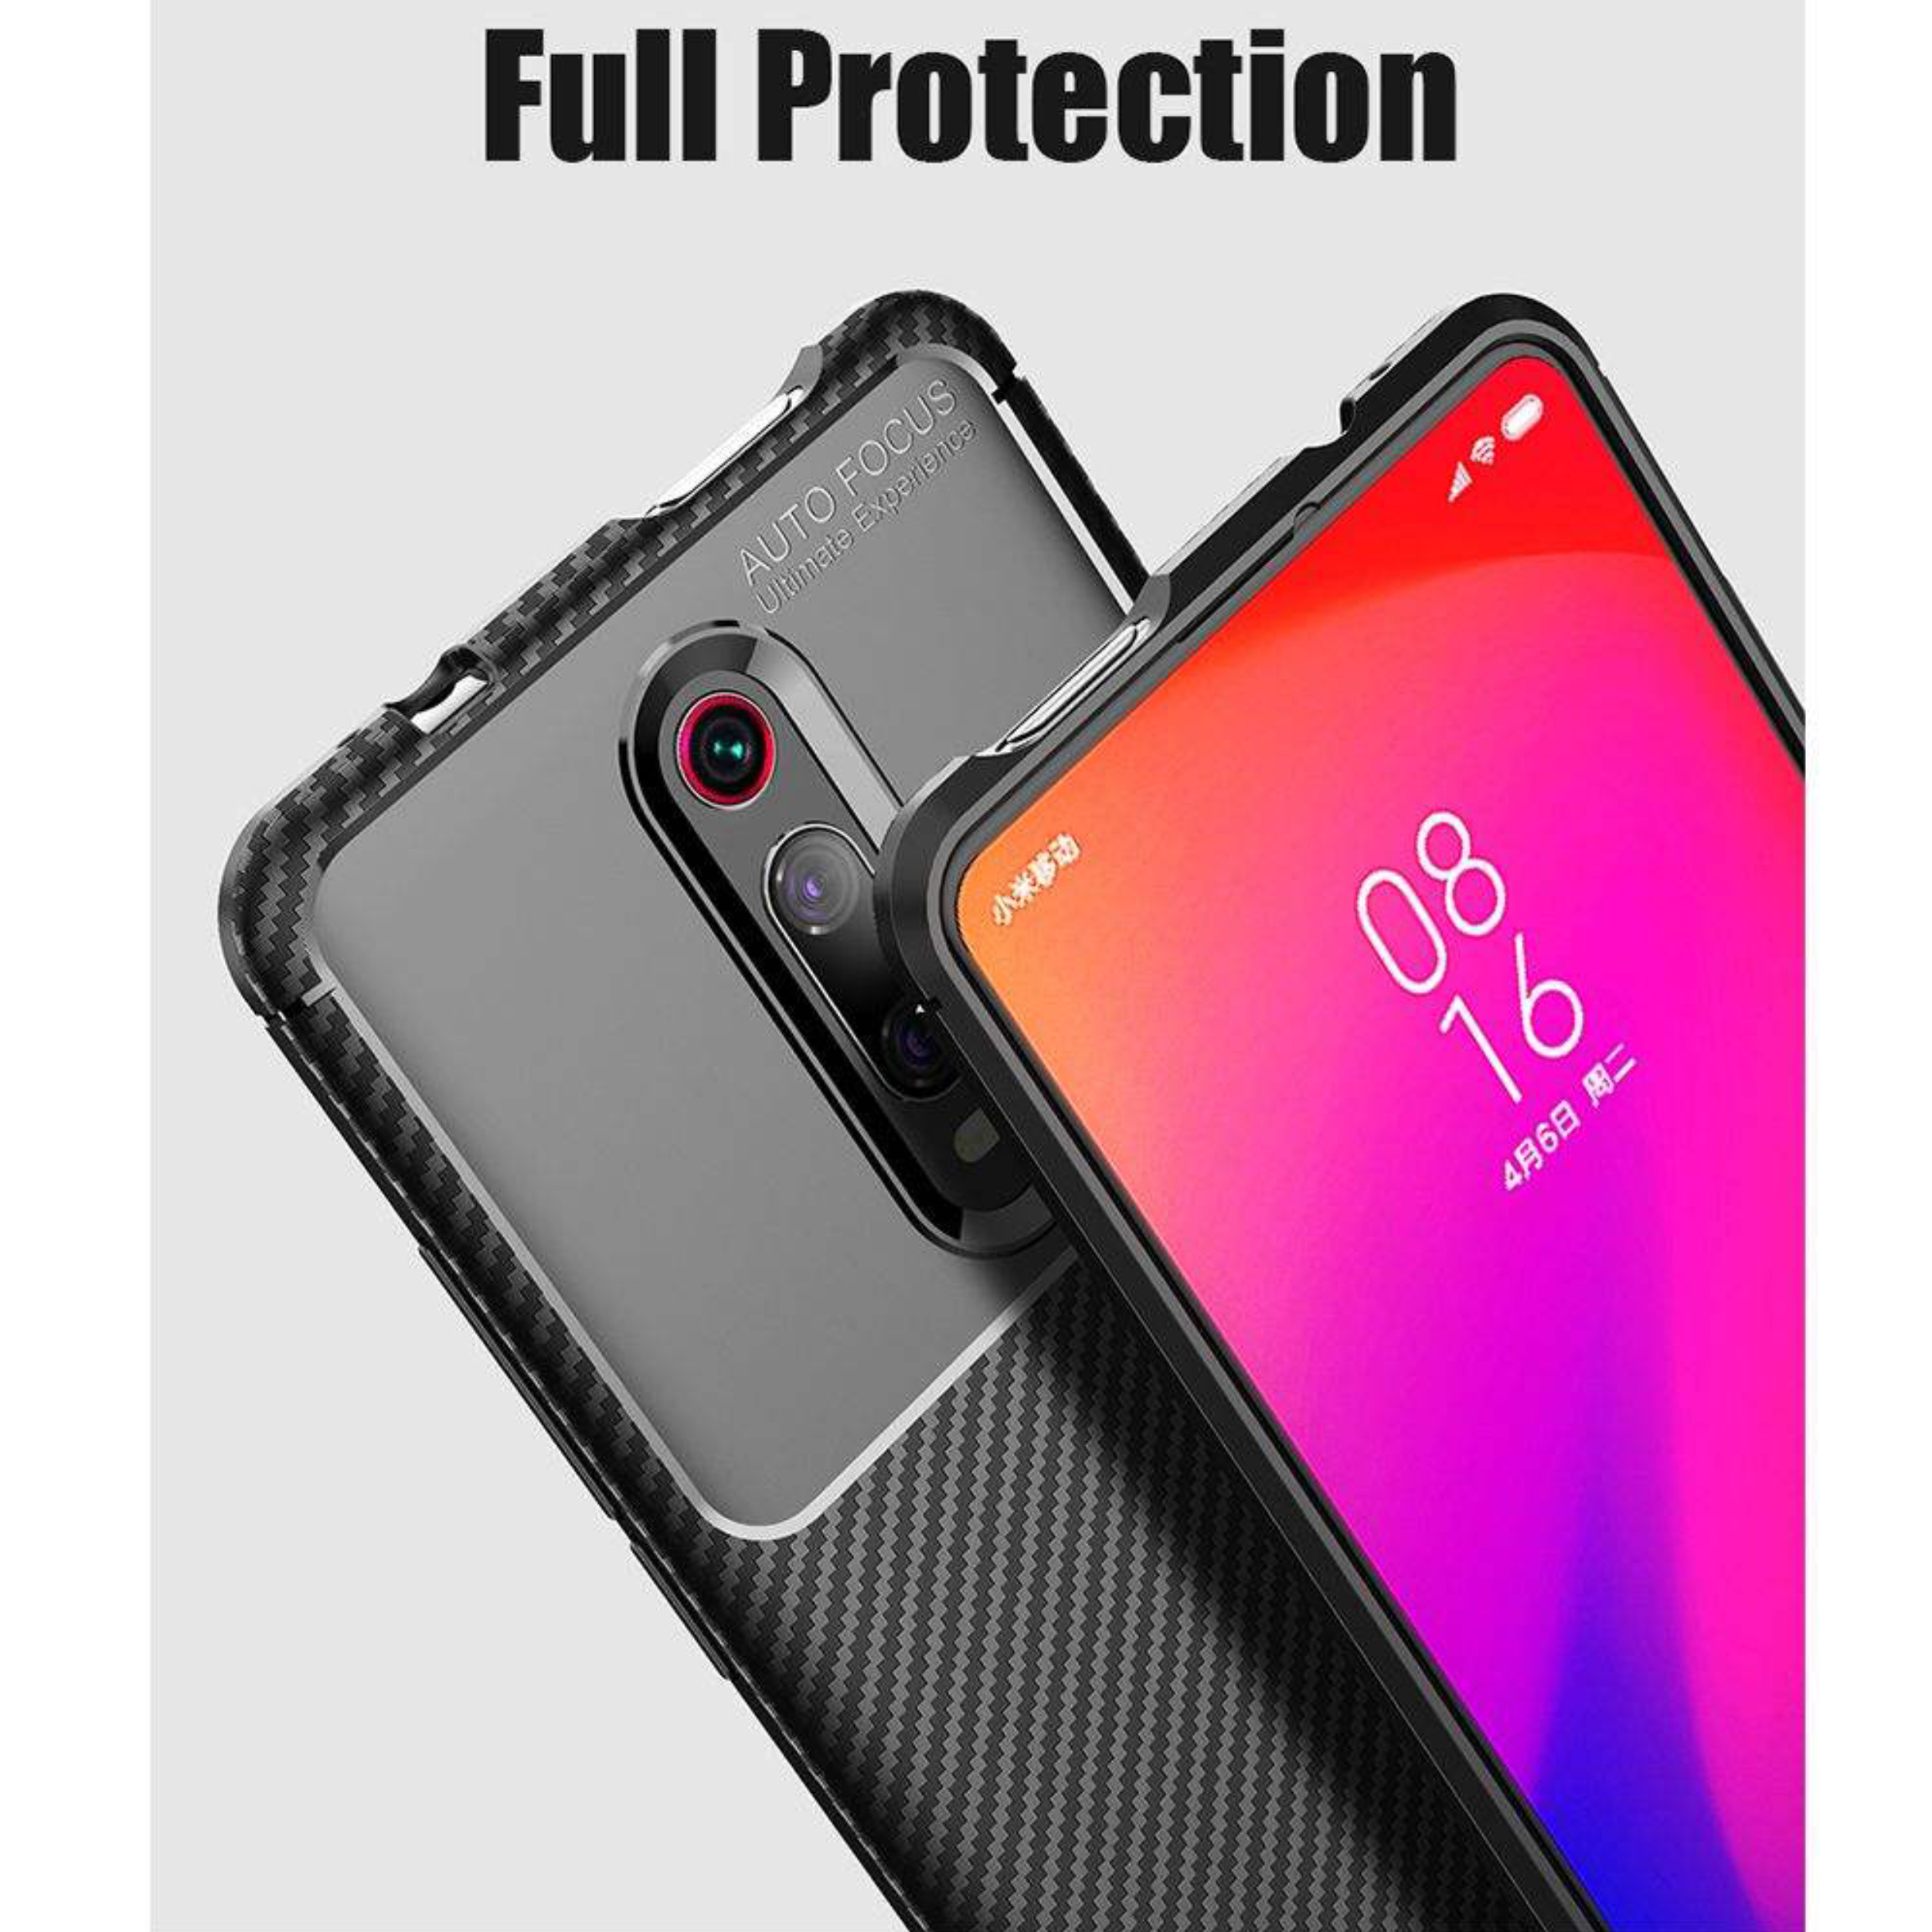 کاور لاین کینگ مدل A21 مناسب برای گوشی موبایل شیائومی Mi 9T / Mi9T pro thumb 2 8